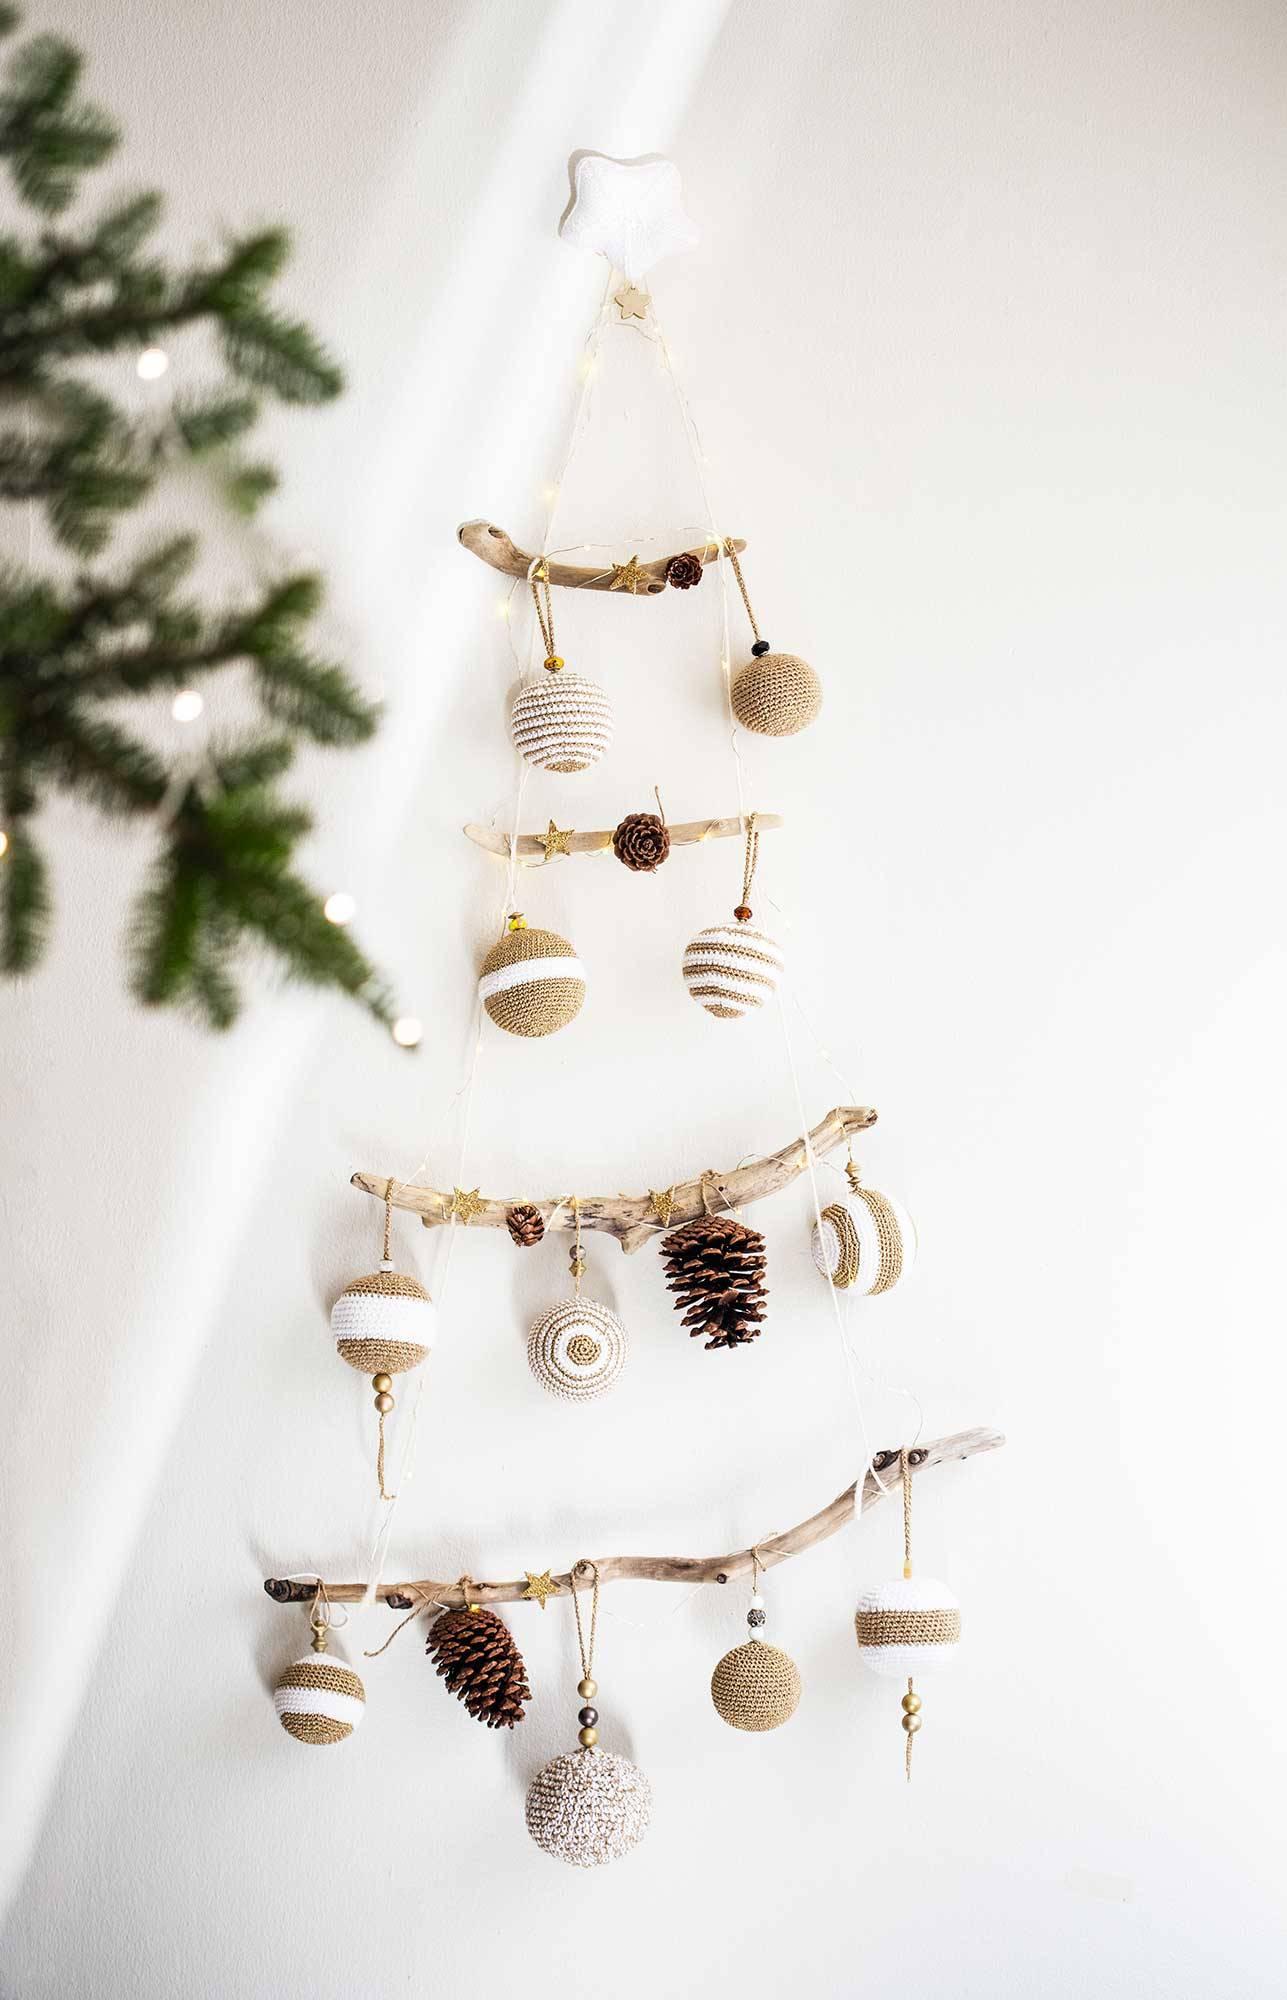 CHRISTMAS IDEAS FOR